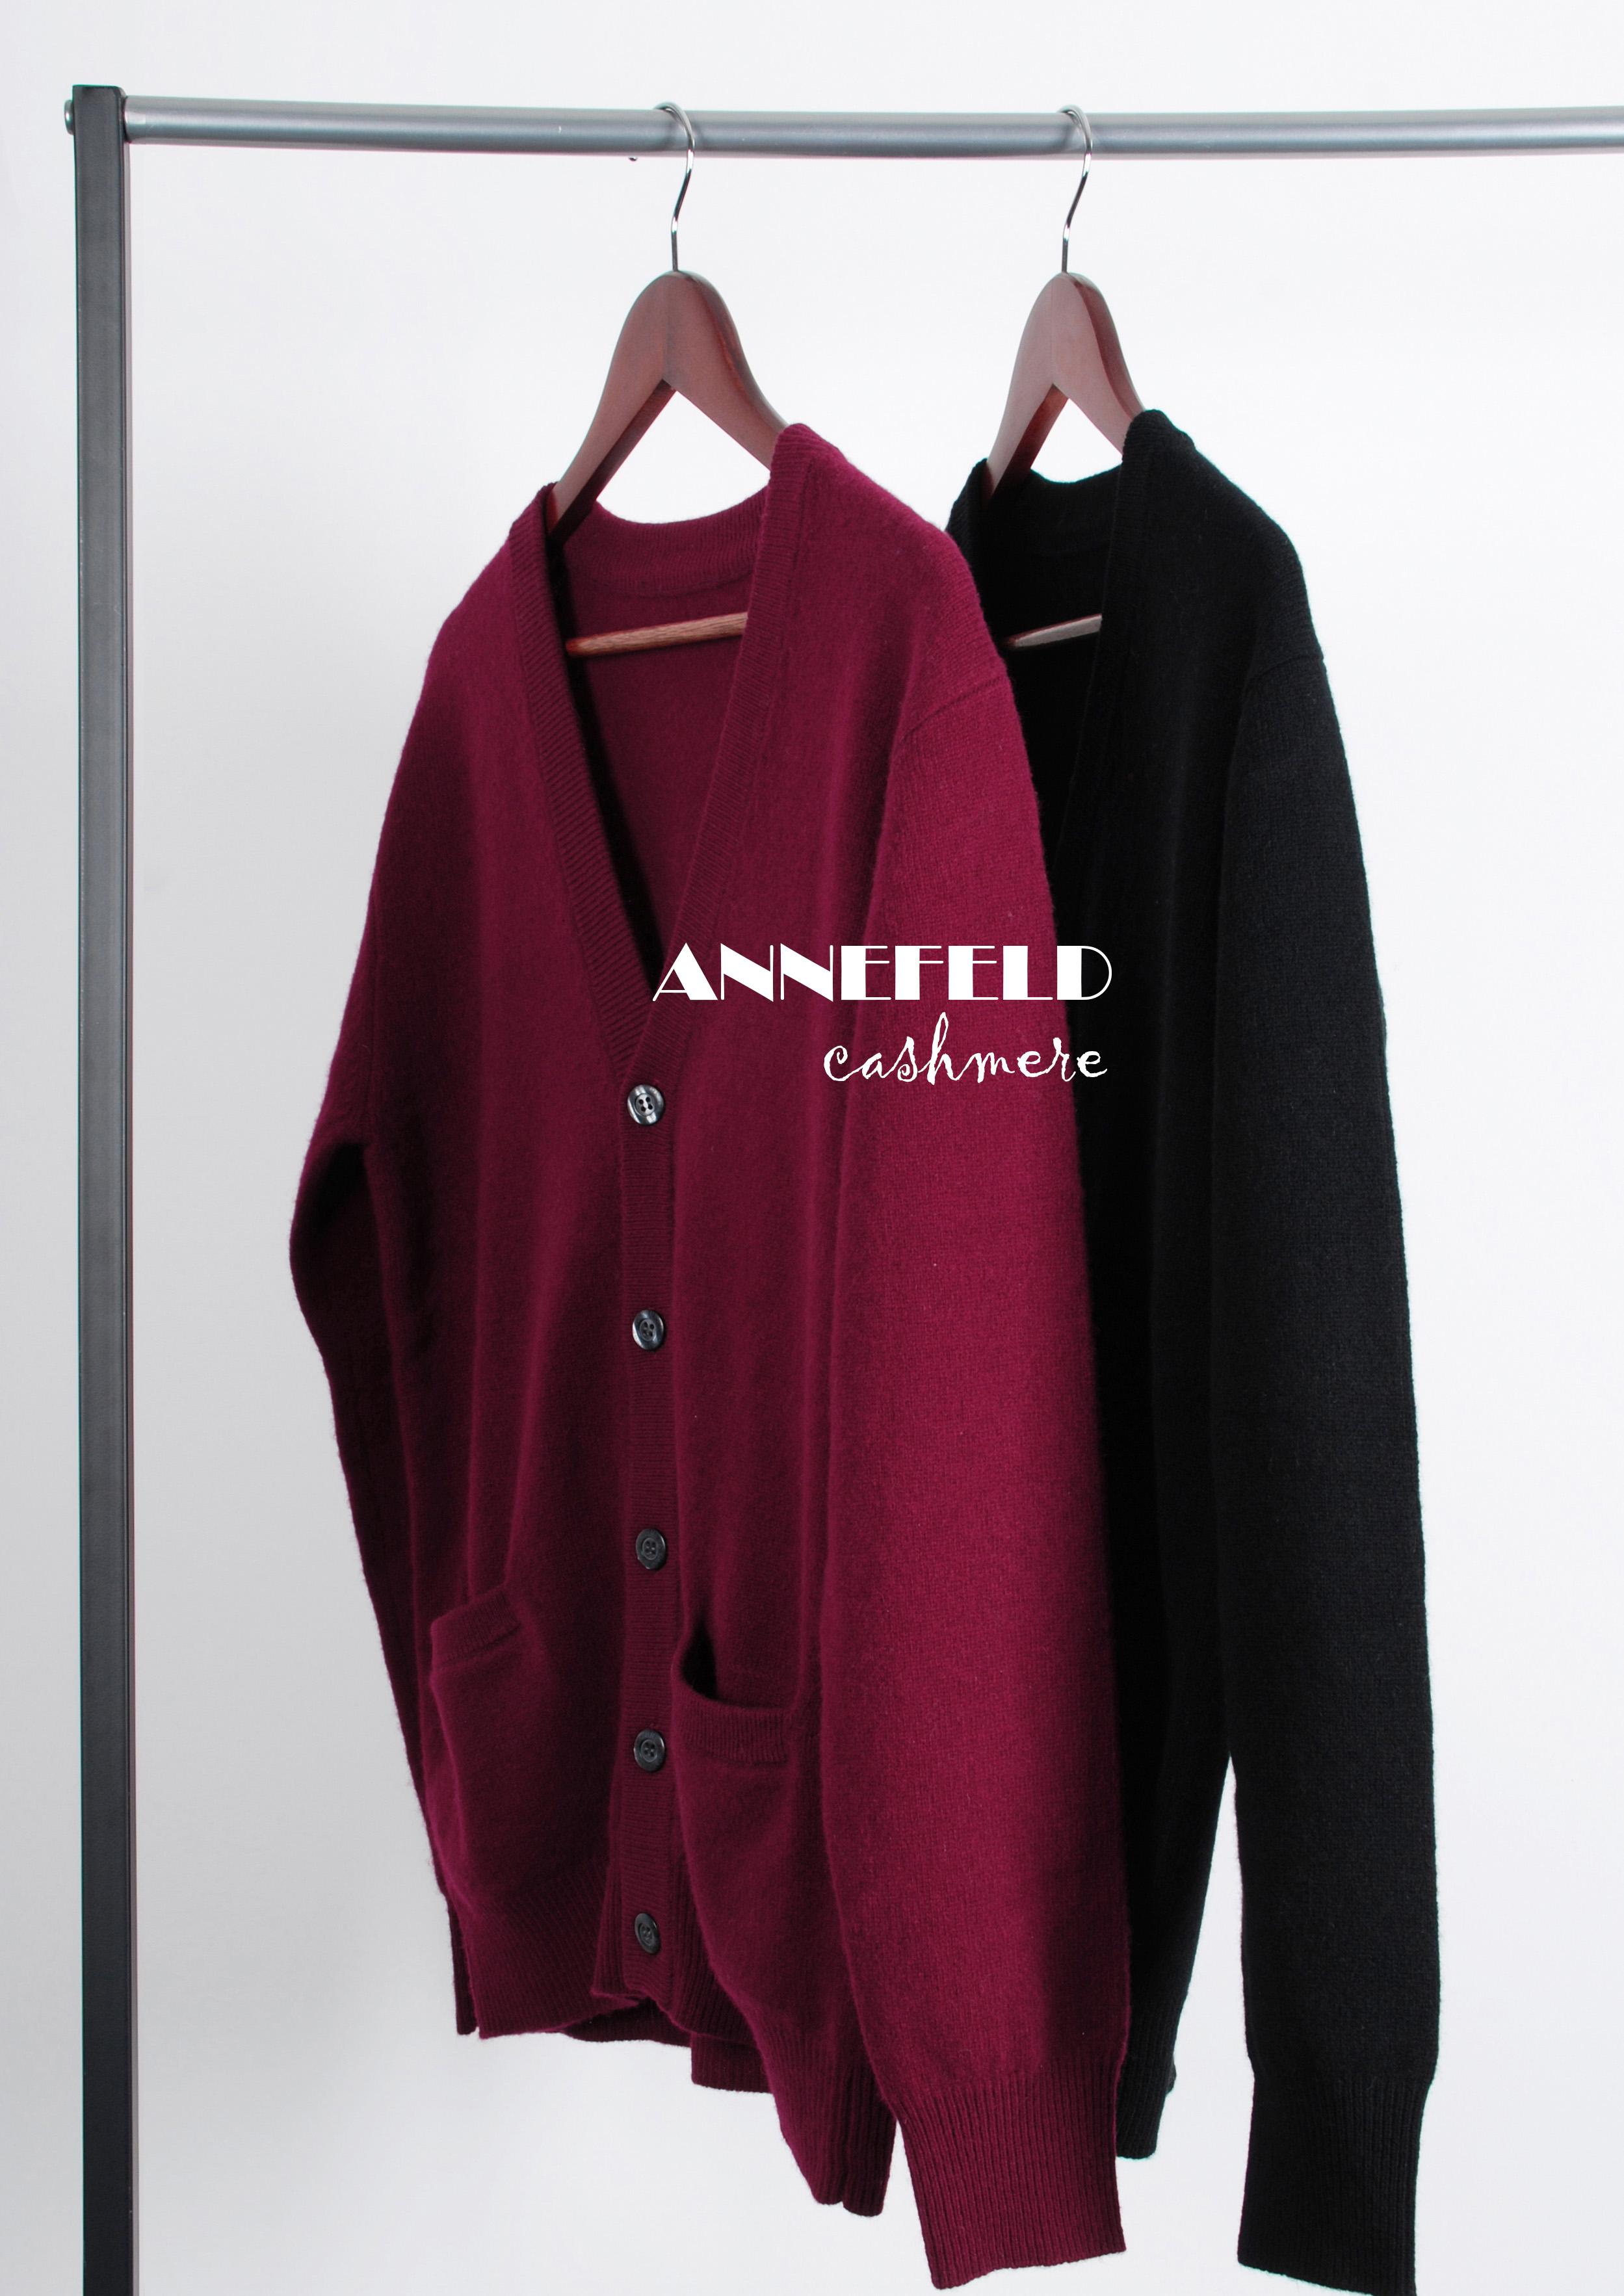 外贸工厂直销  男士秋冬加厚外套纯色开衫  羊绒羊毛混纺 酒红